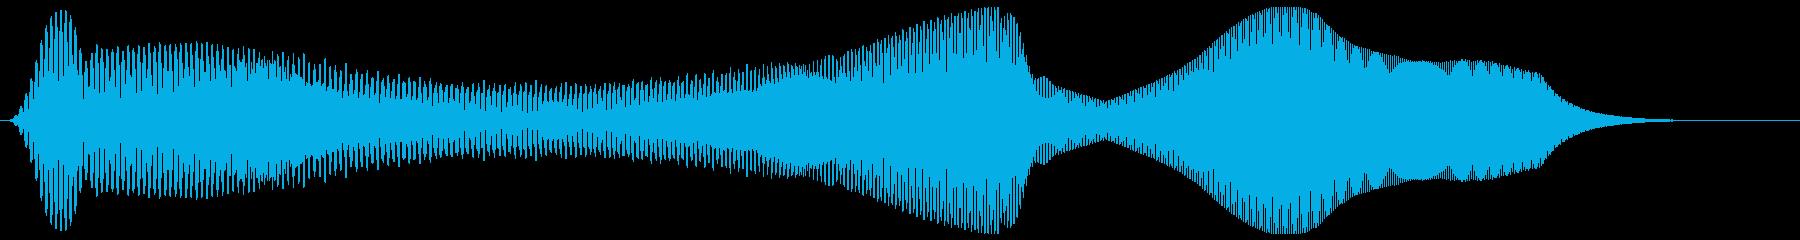 モーン(シンプルで電子的な効果音)の再生済みの波形